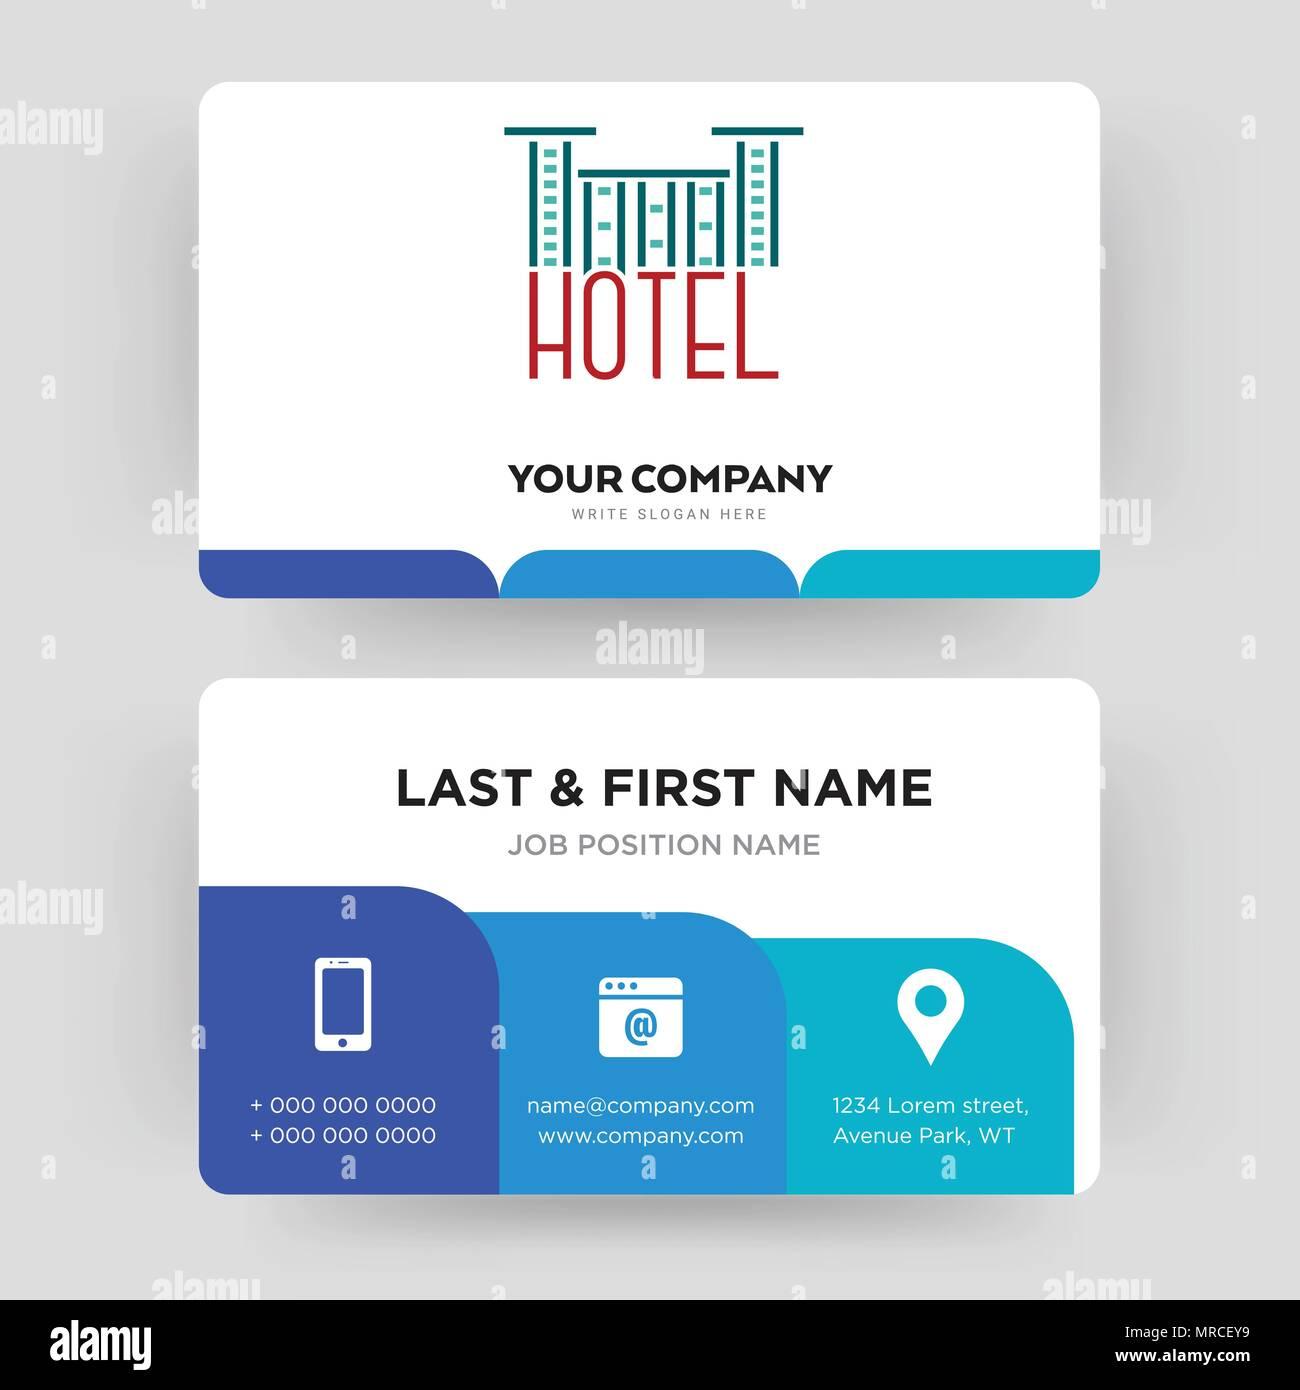 Hotel Carte De Visite Modele Conception Pour Votre Entreprise Creative Et Moderne Didentite Propre Vector